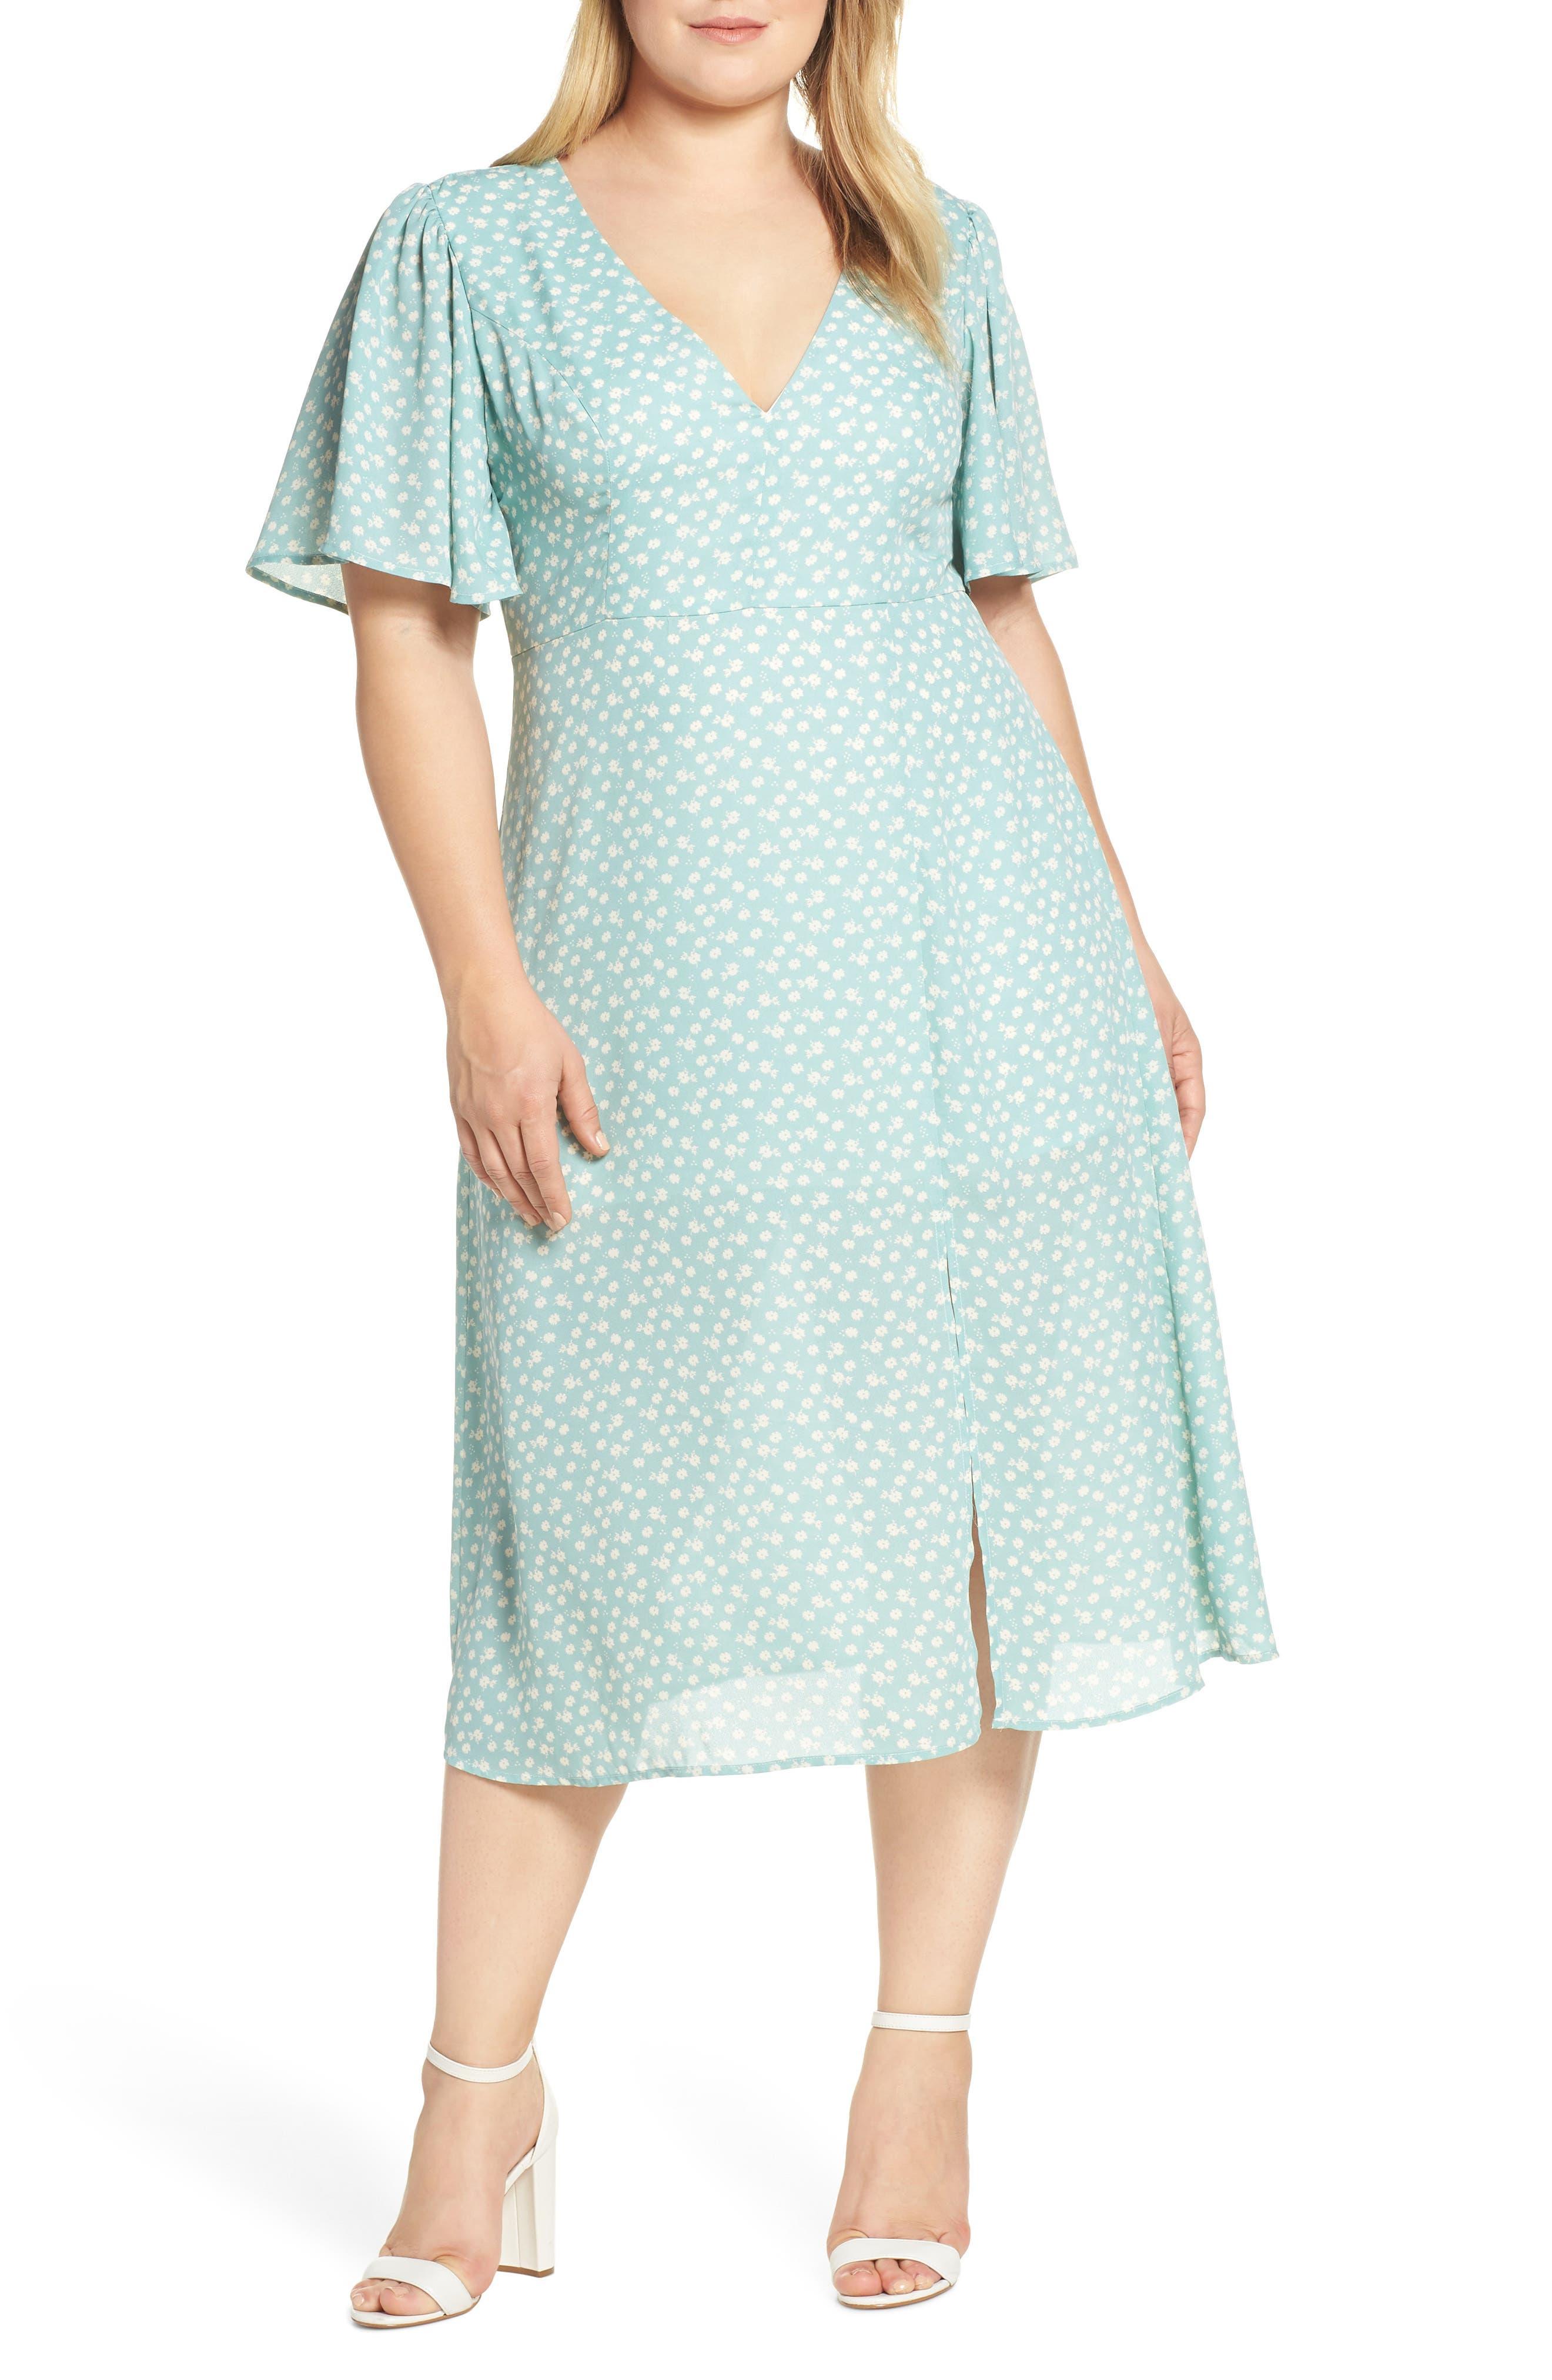 1930s Art Deco Plus Size Dresses   Tea Dresses, Party Dresses Plus Size Womens Leith Flutter Sleeve Midi Dress $41.40 AT vintagedancer.com